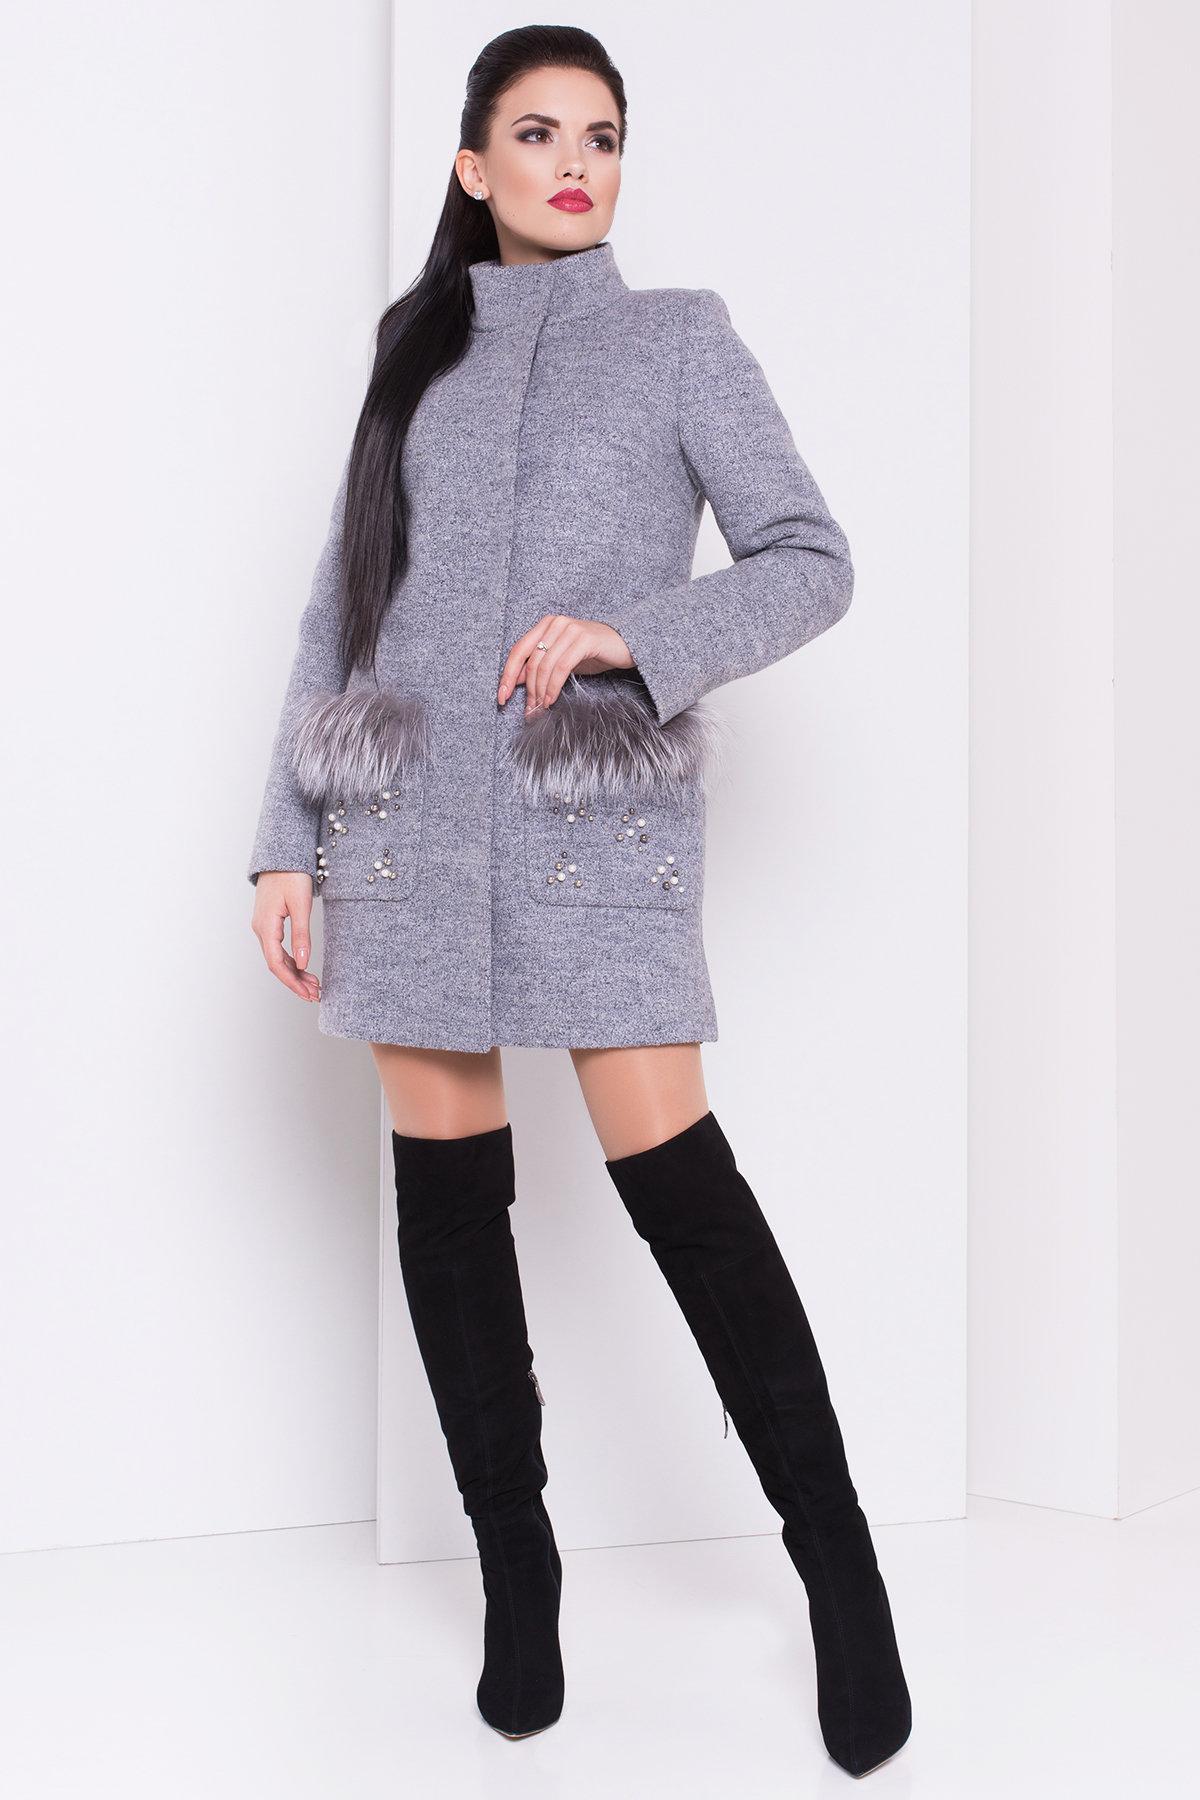 Пальто зима Ажен 3433 АРТ. 17862 Цвет: Серый 48 - фото 1, интернет магазин tm-modus.ru